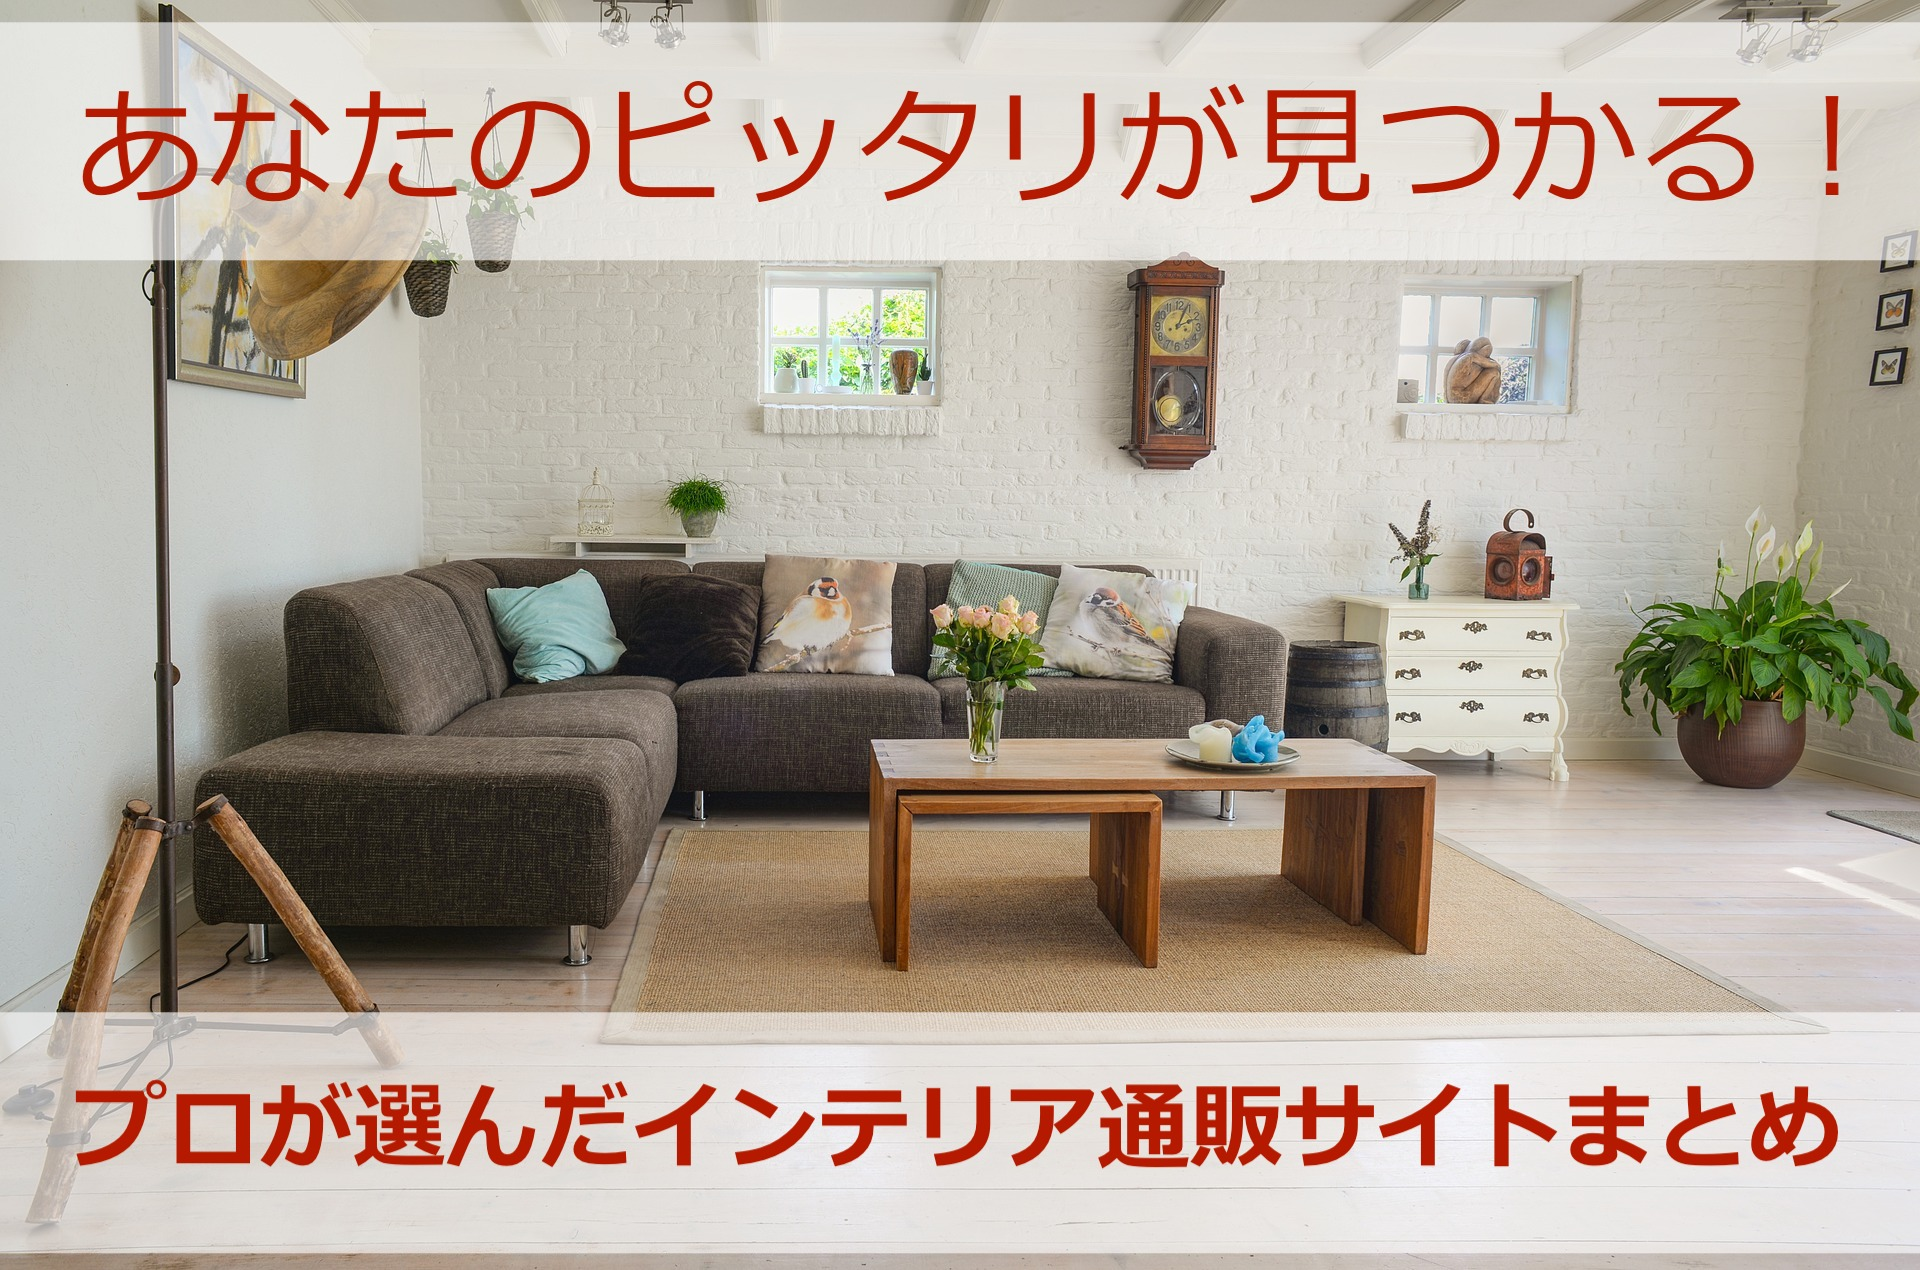 おすすめ家具通販サイト